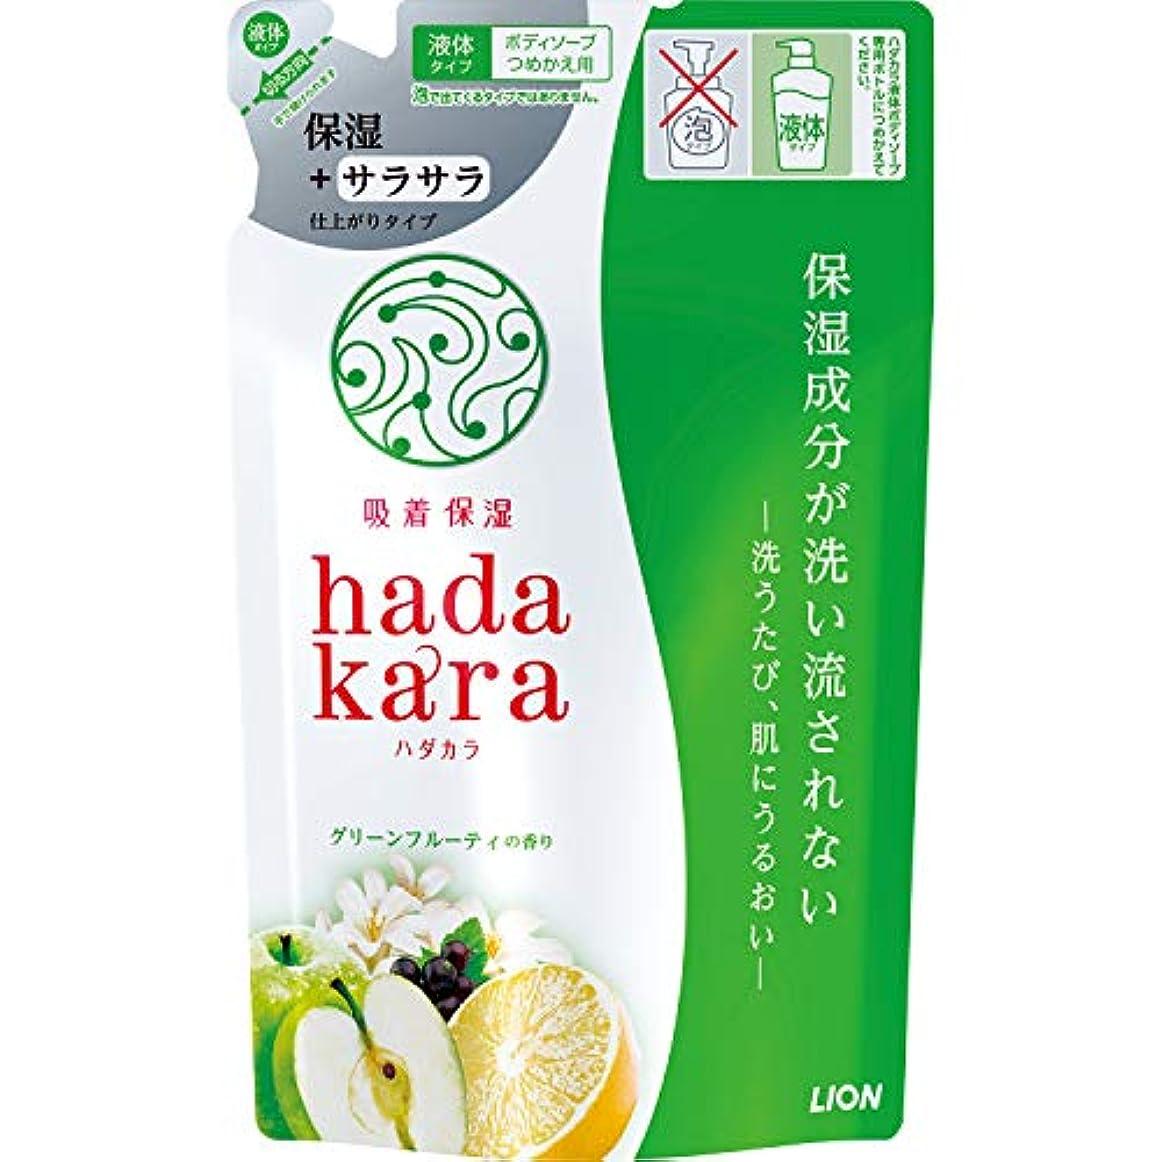 排除する活性化穿孔するhadakara(ハダカラ) ボディソープ 保湿+サラサラ仕上がりタイプ グリーンフルーティの香り 詰め替え 340ml